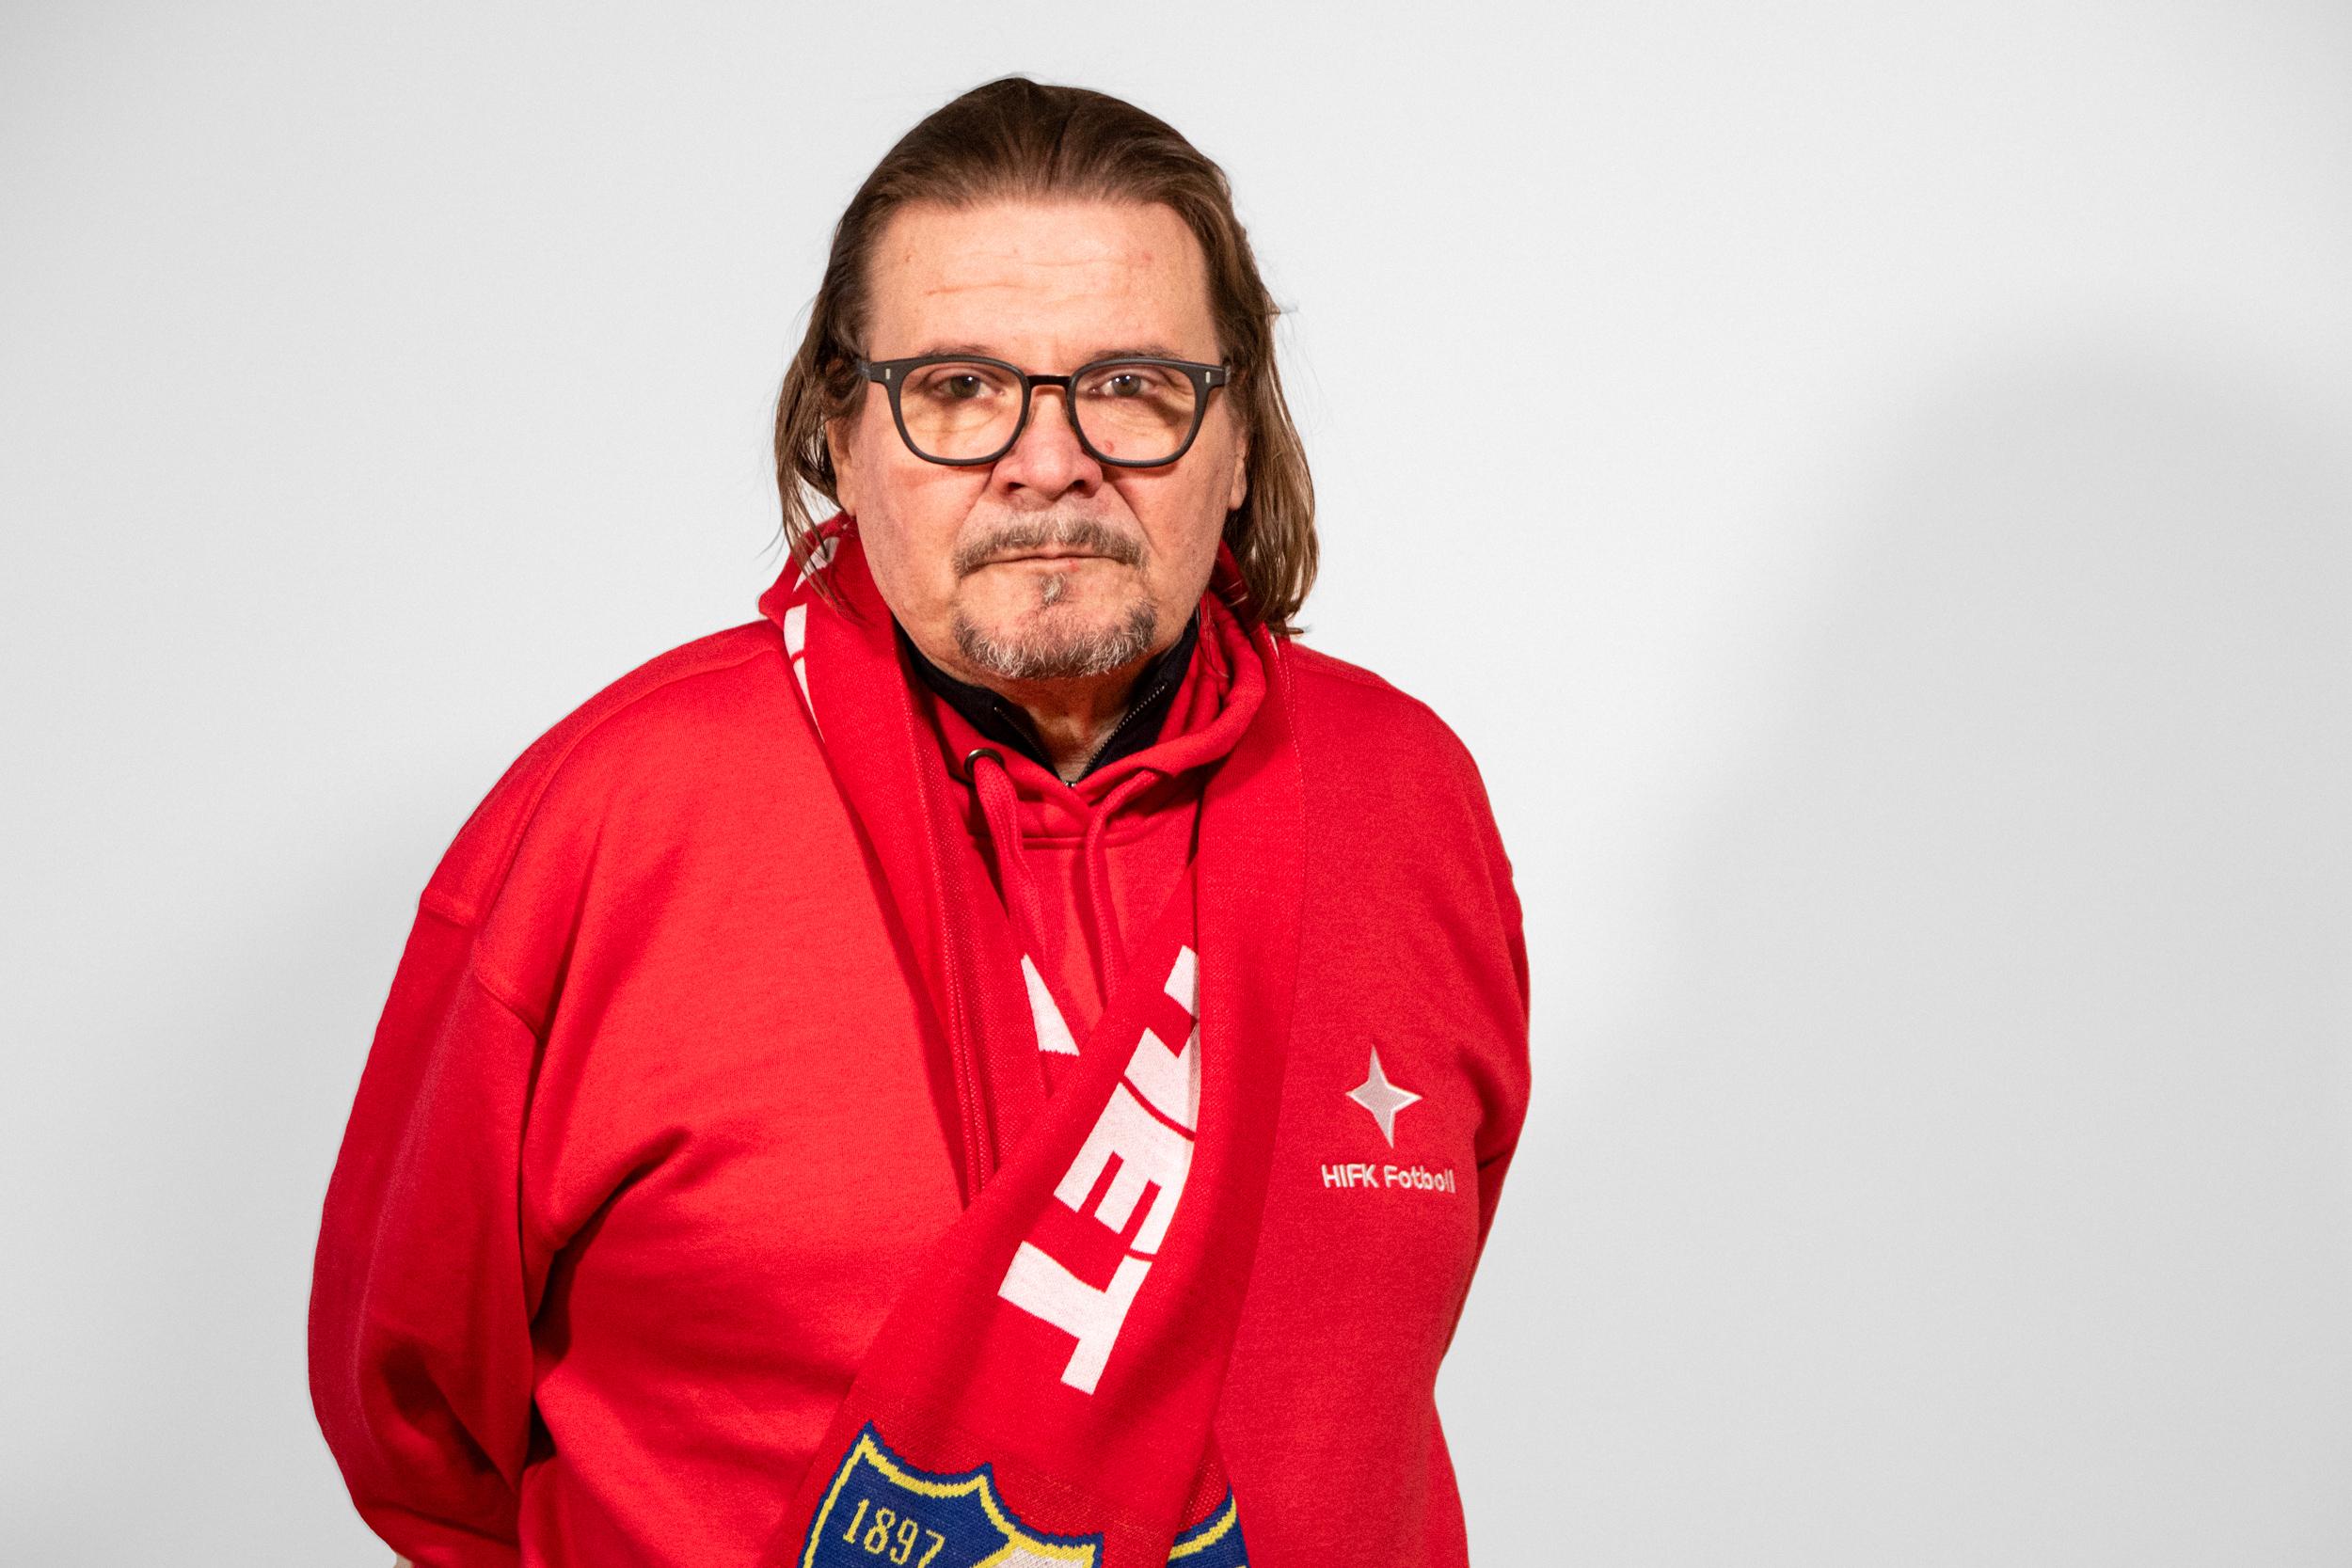 TIEDOTE: Markku Palmroosista HIFK:n uusi valmennuskoordinaattori